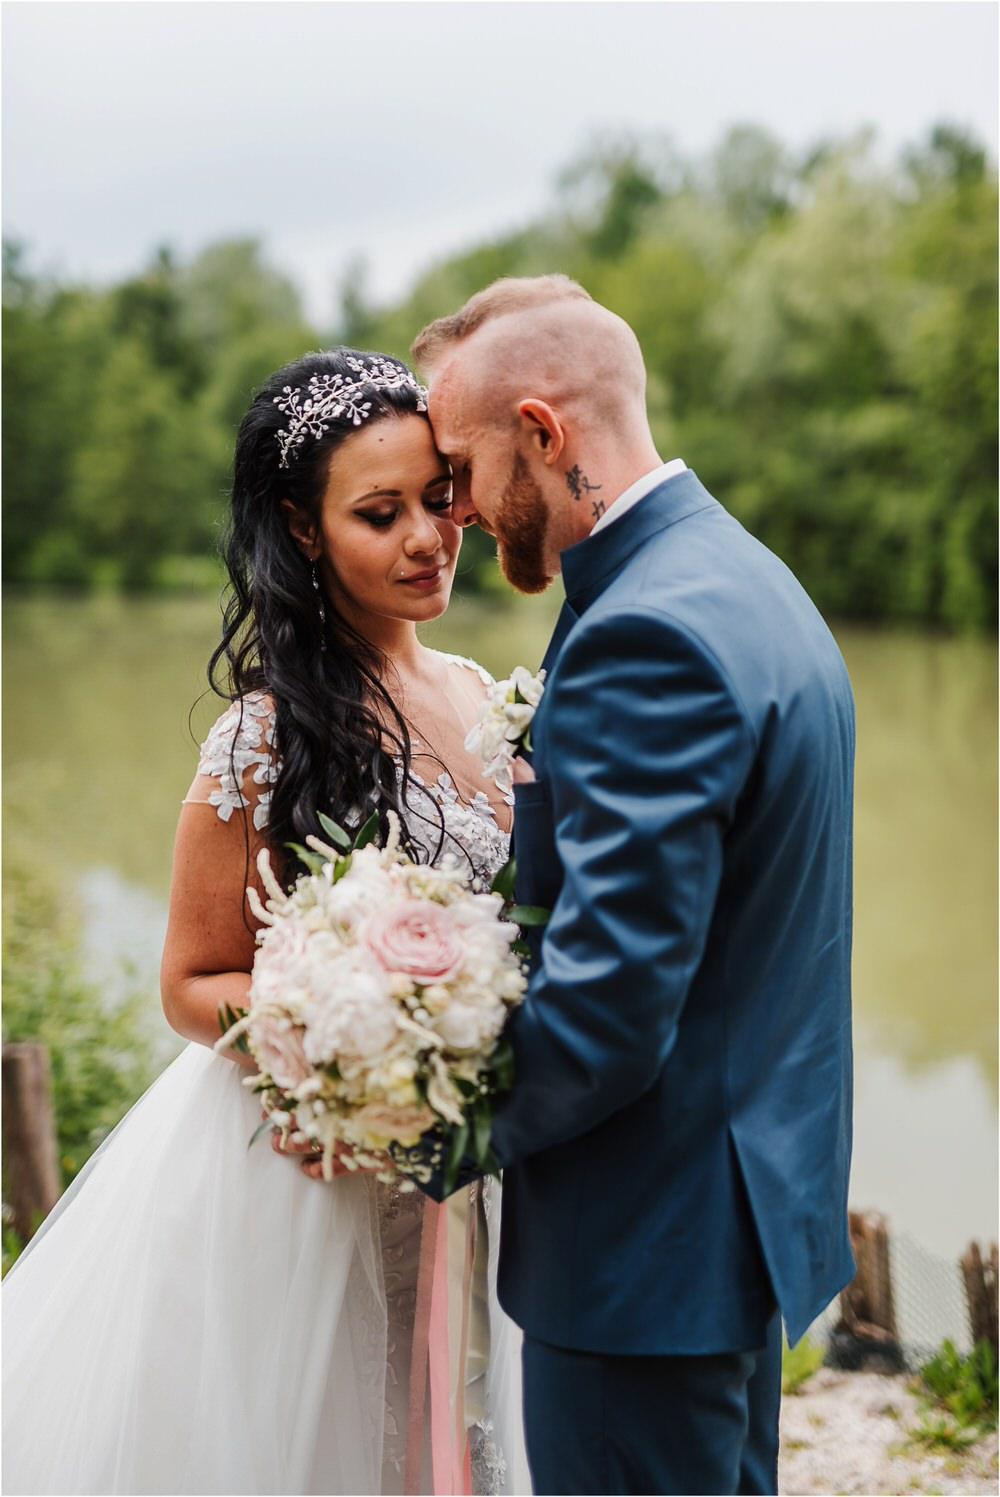 skedenj poroka porocni fotograf fotografiranje elegantna poroka rustikalna poroka pod kozolcem pcakes velesovo mdetail nika grega 0076.jpg